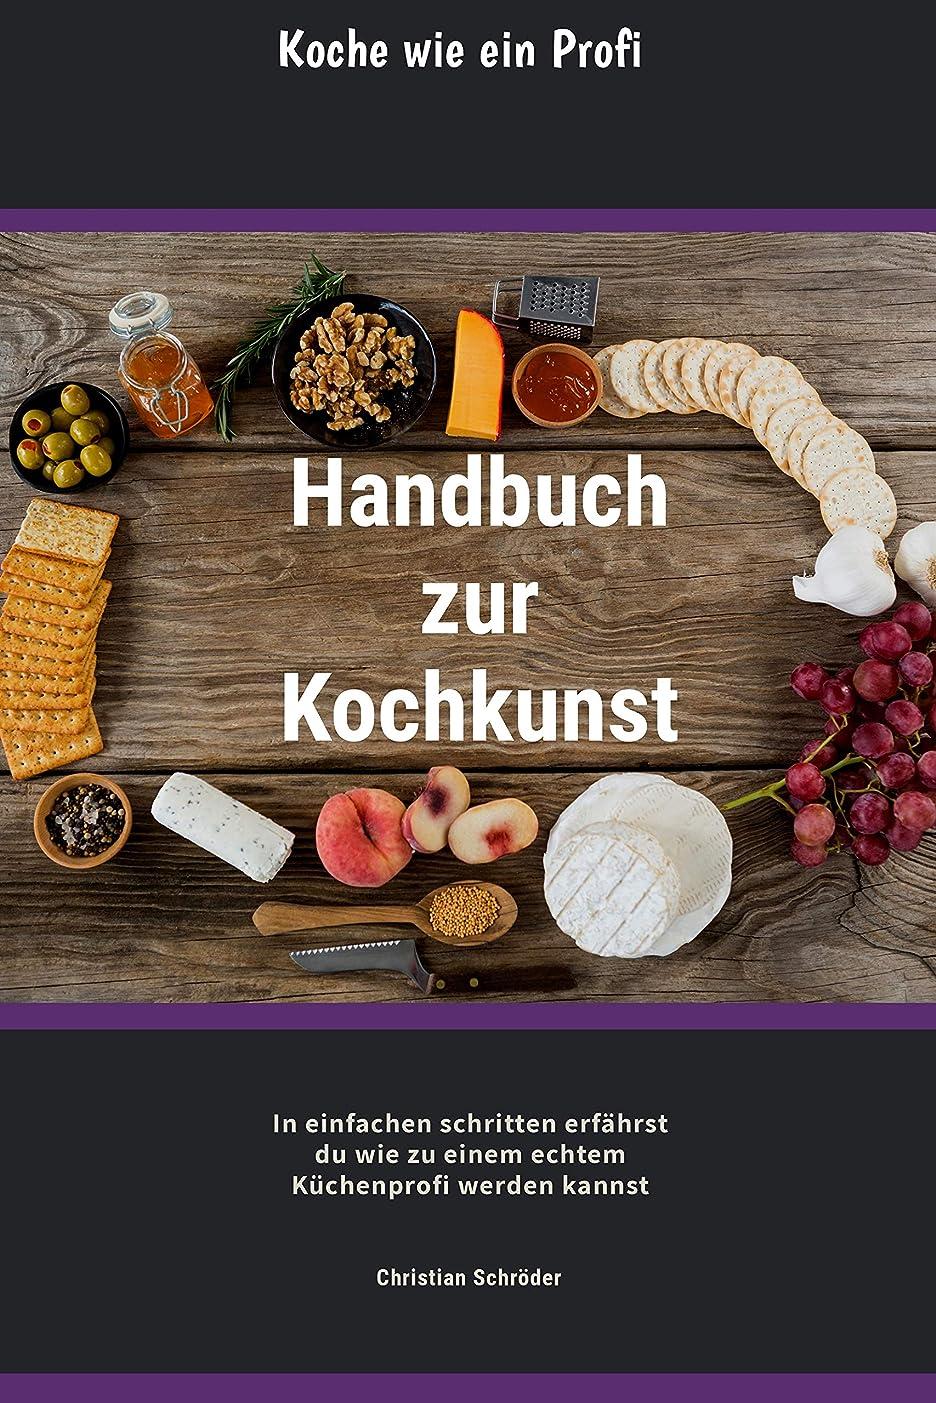 することになっている休憩弾力性のあるHandbuch zur Kochkunst: Koche wie ein Profi (German Edition)